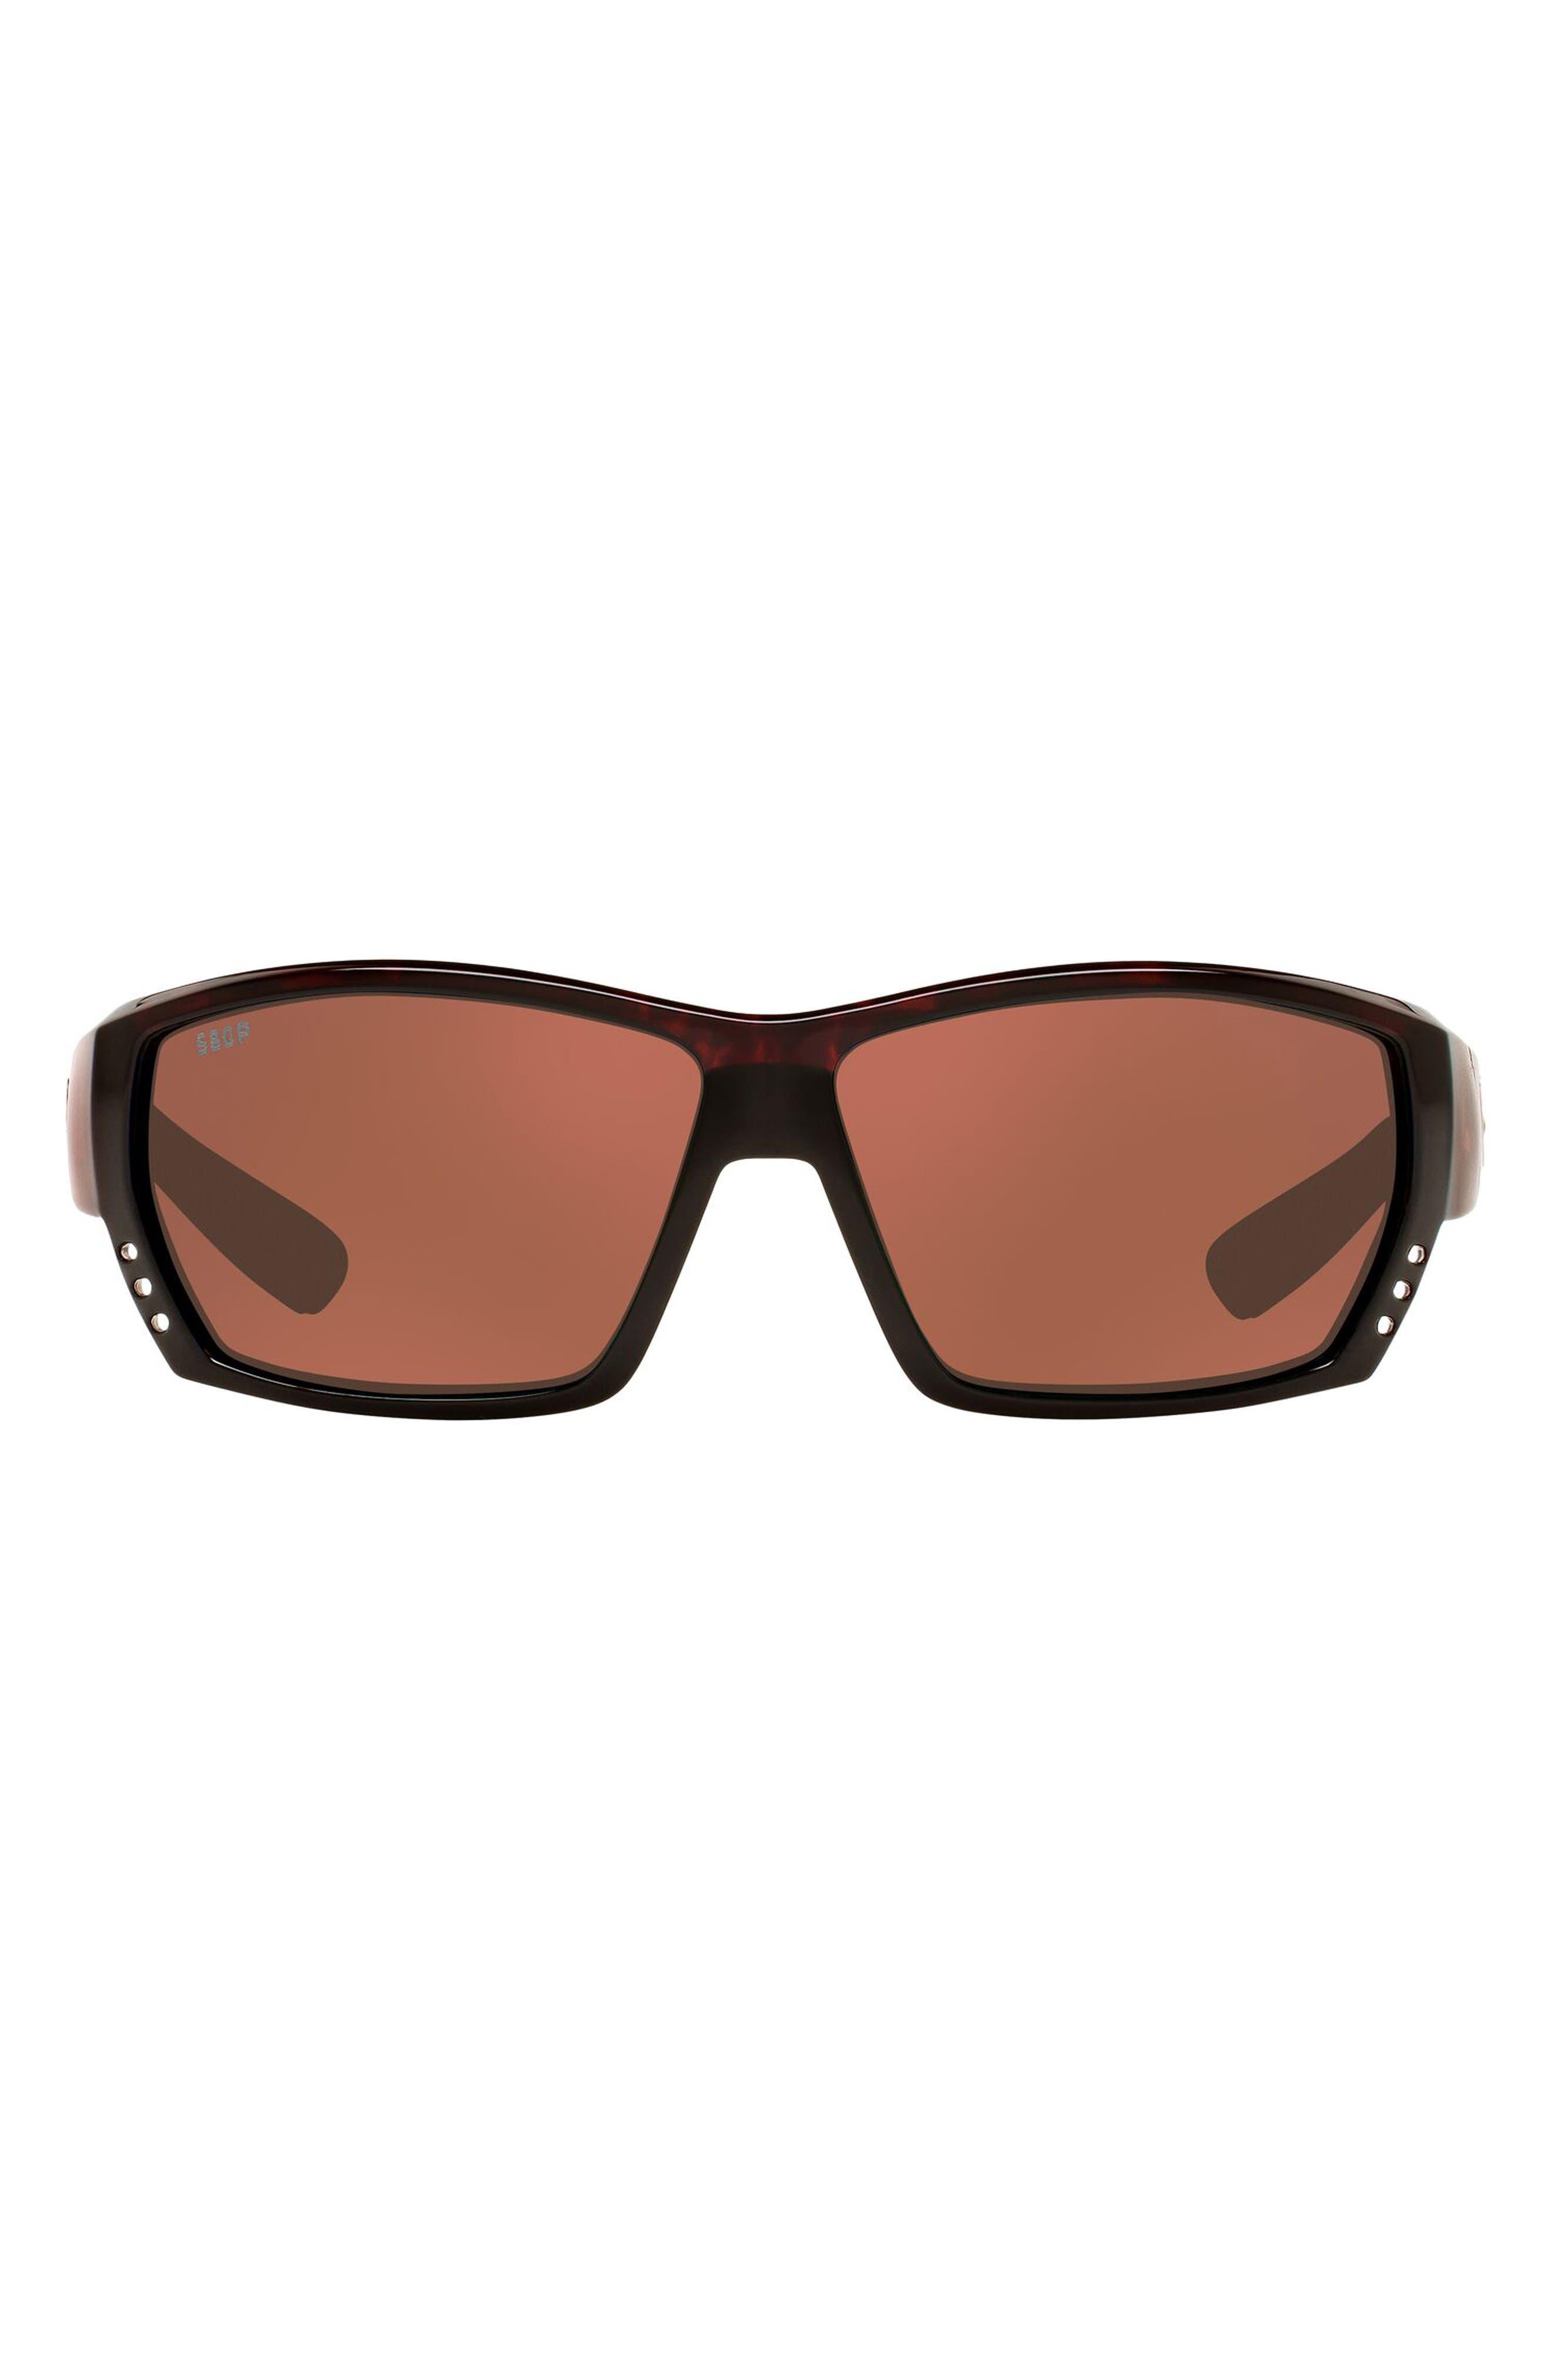 63mm Polarized Oversize Wraparound Sunglasses